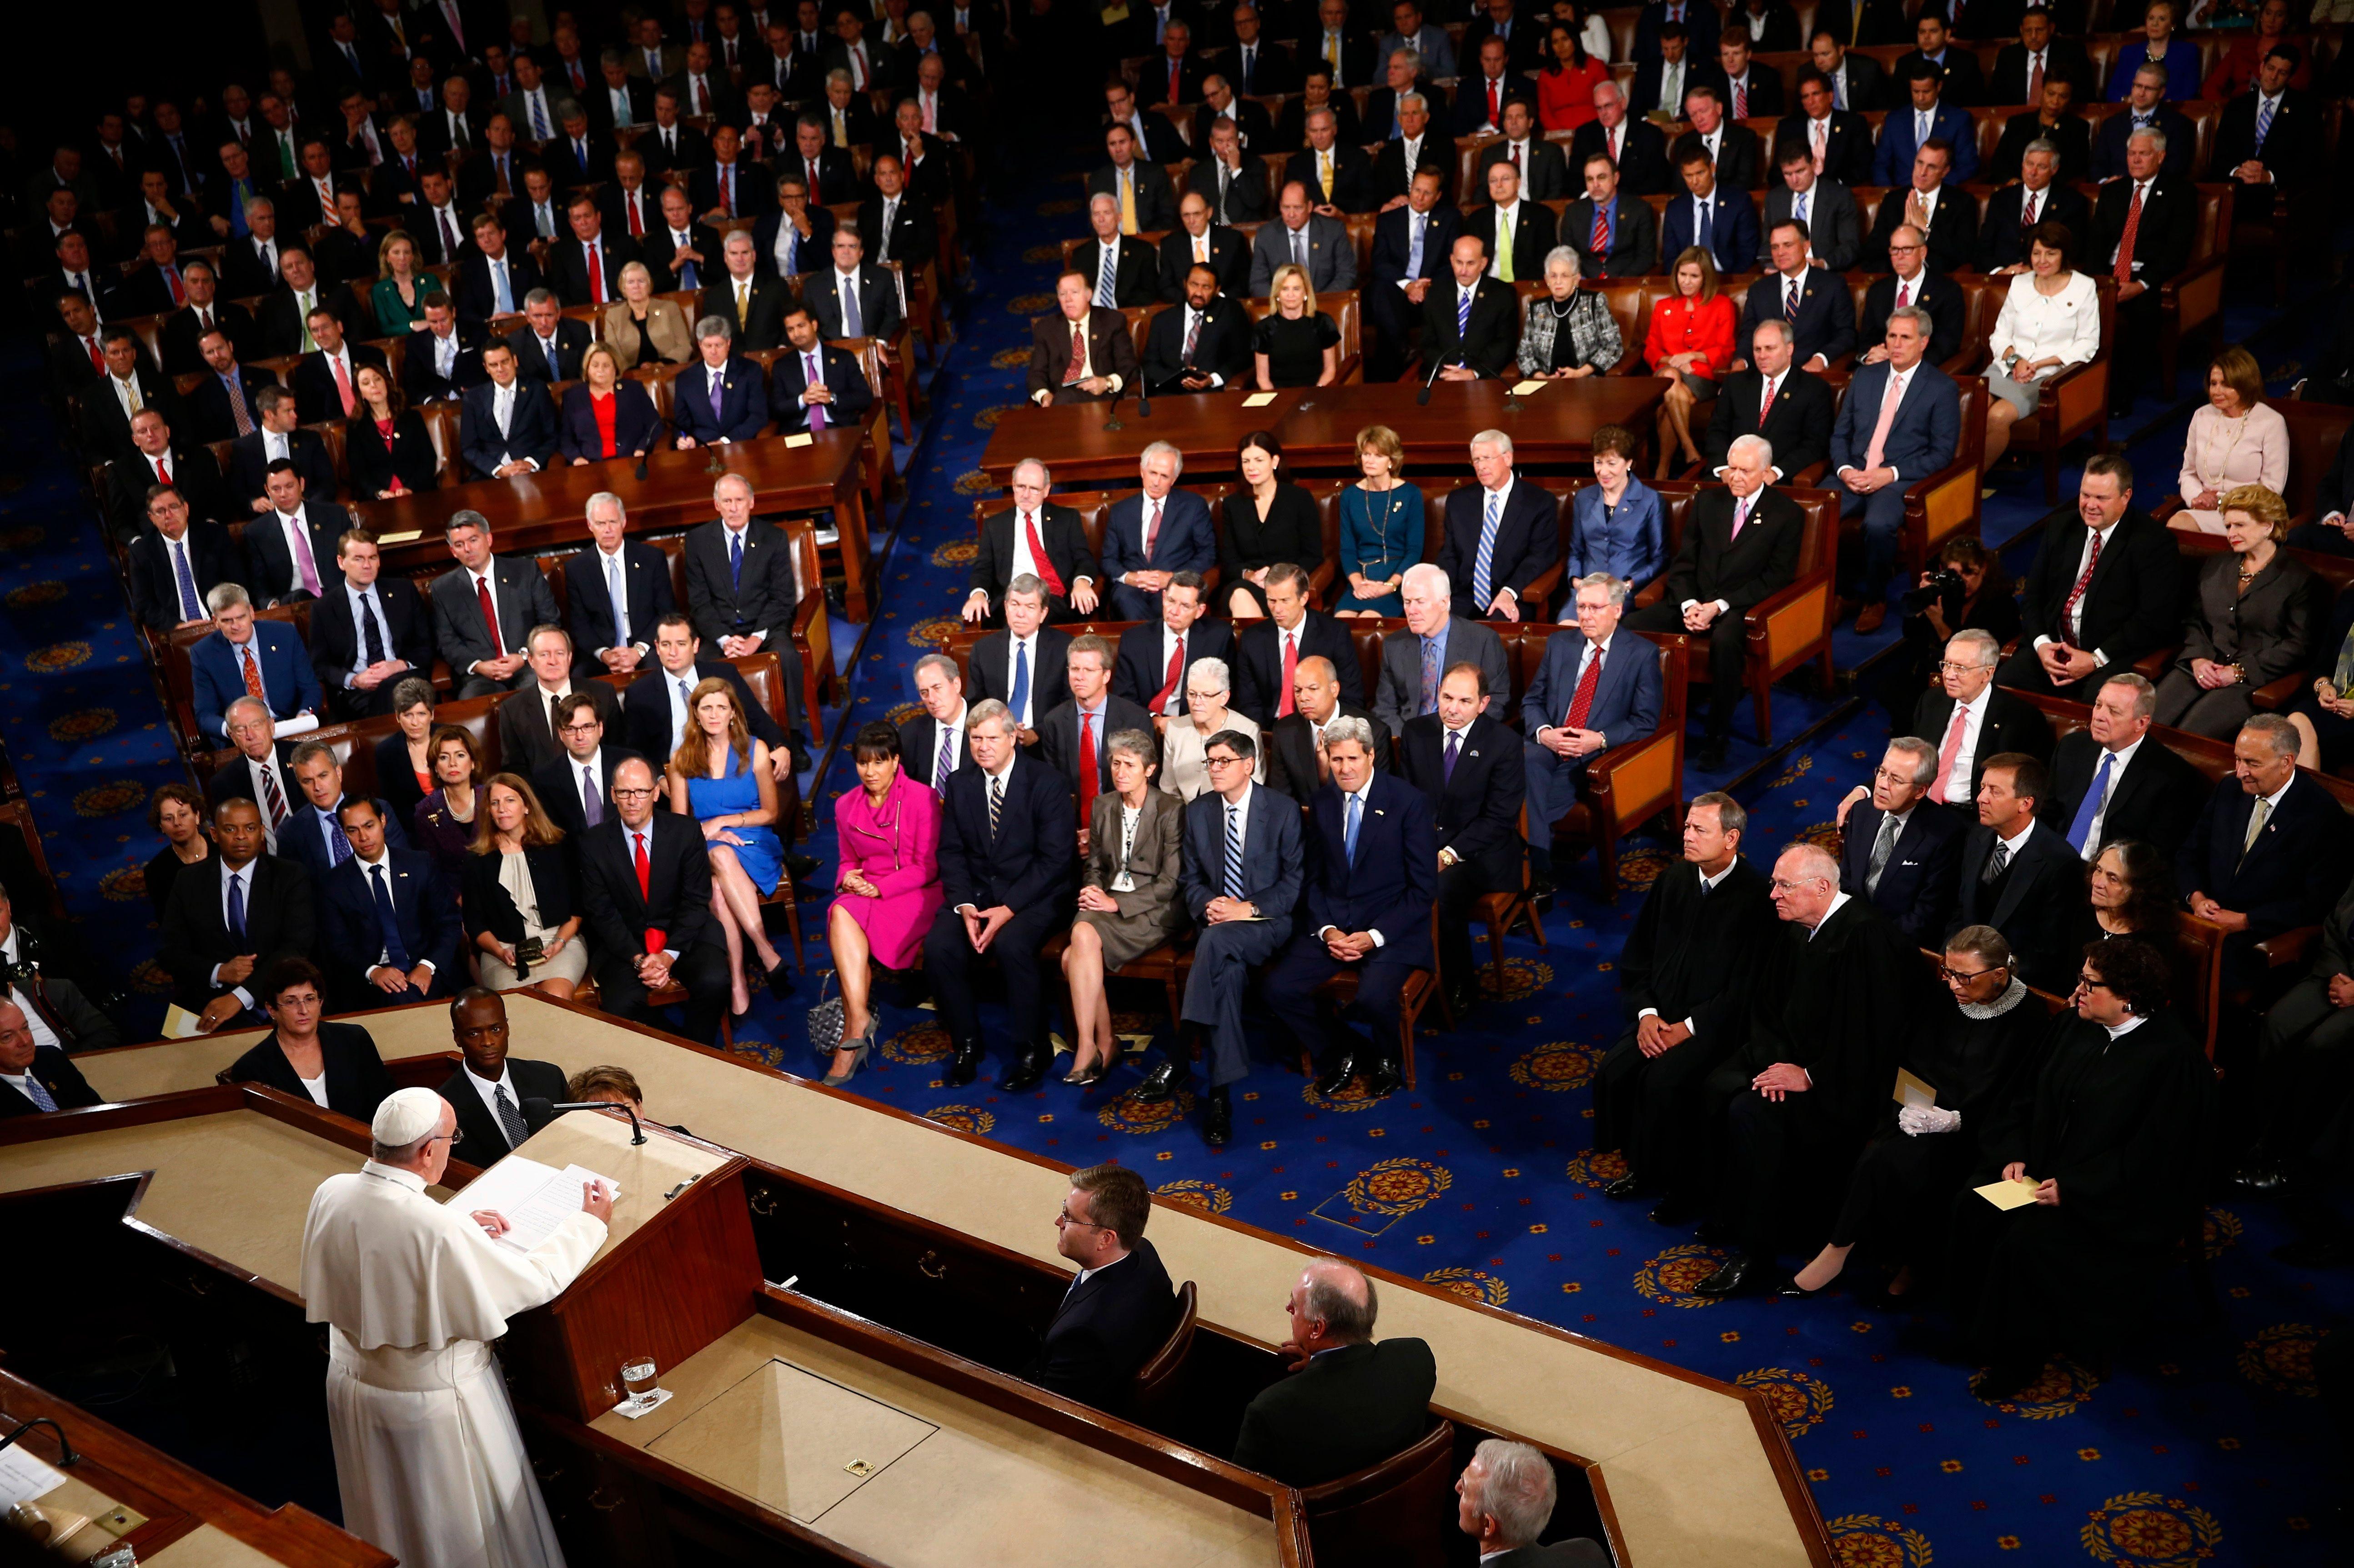 Discours du pape à l'ONU : cette mondialisation qui est censée unir et rapprocher les êtres, crée au contraire des murs et fragmente les sociétés